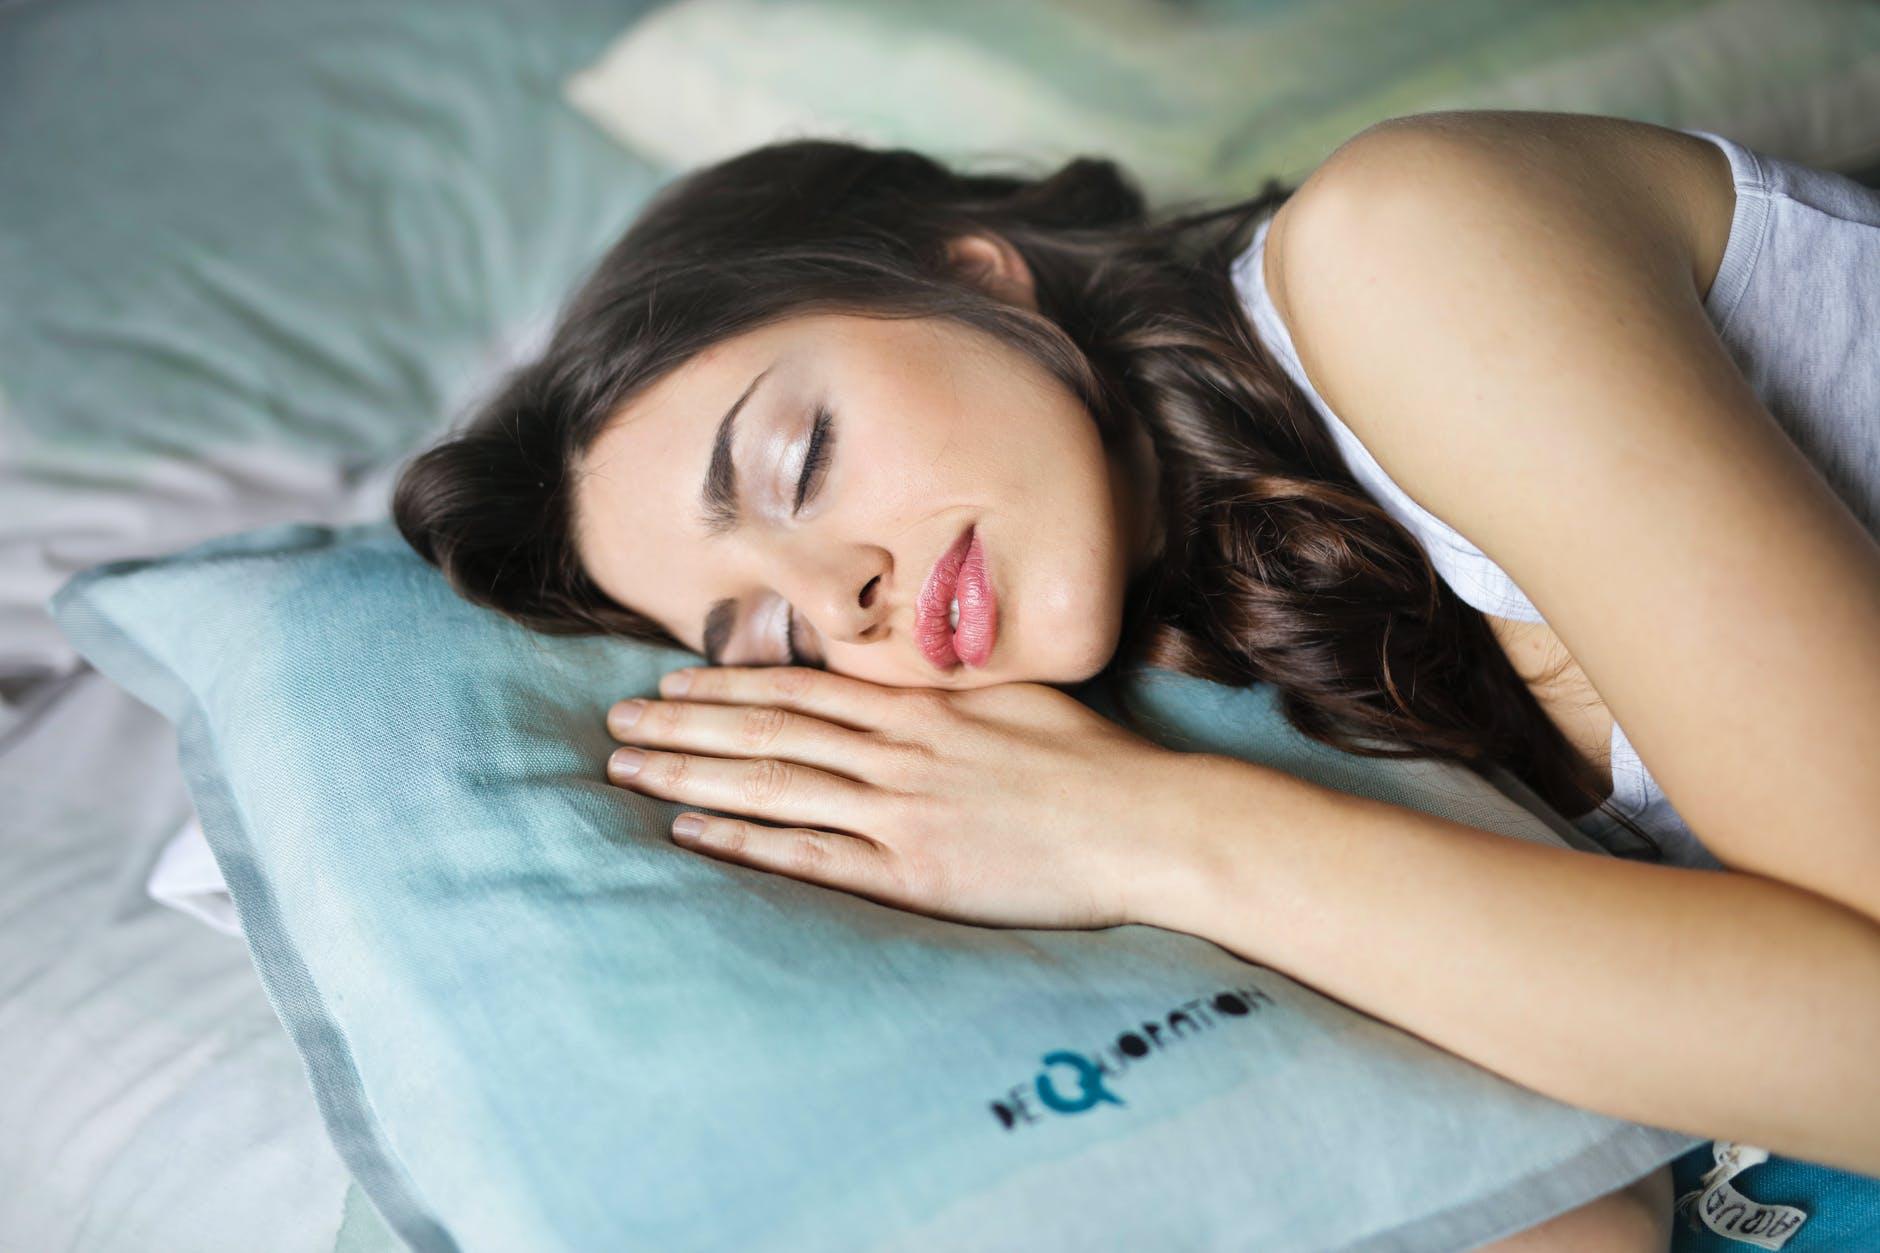 Terapia cognitivo conductual contra el insomnio, Enfermedades y su tratamiento